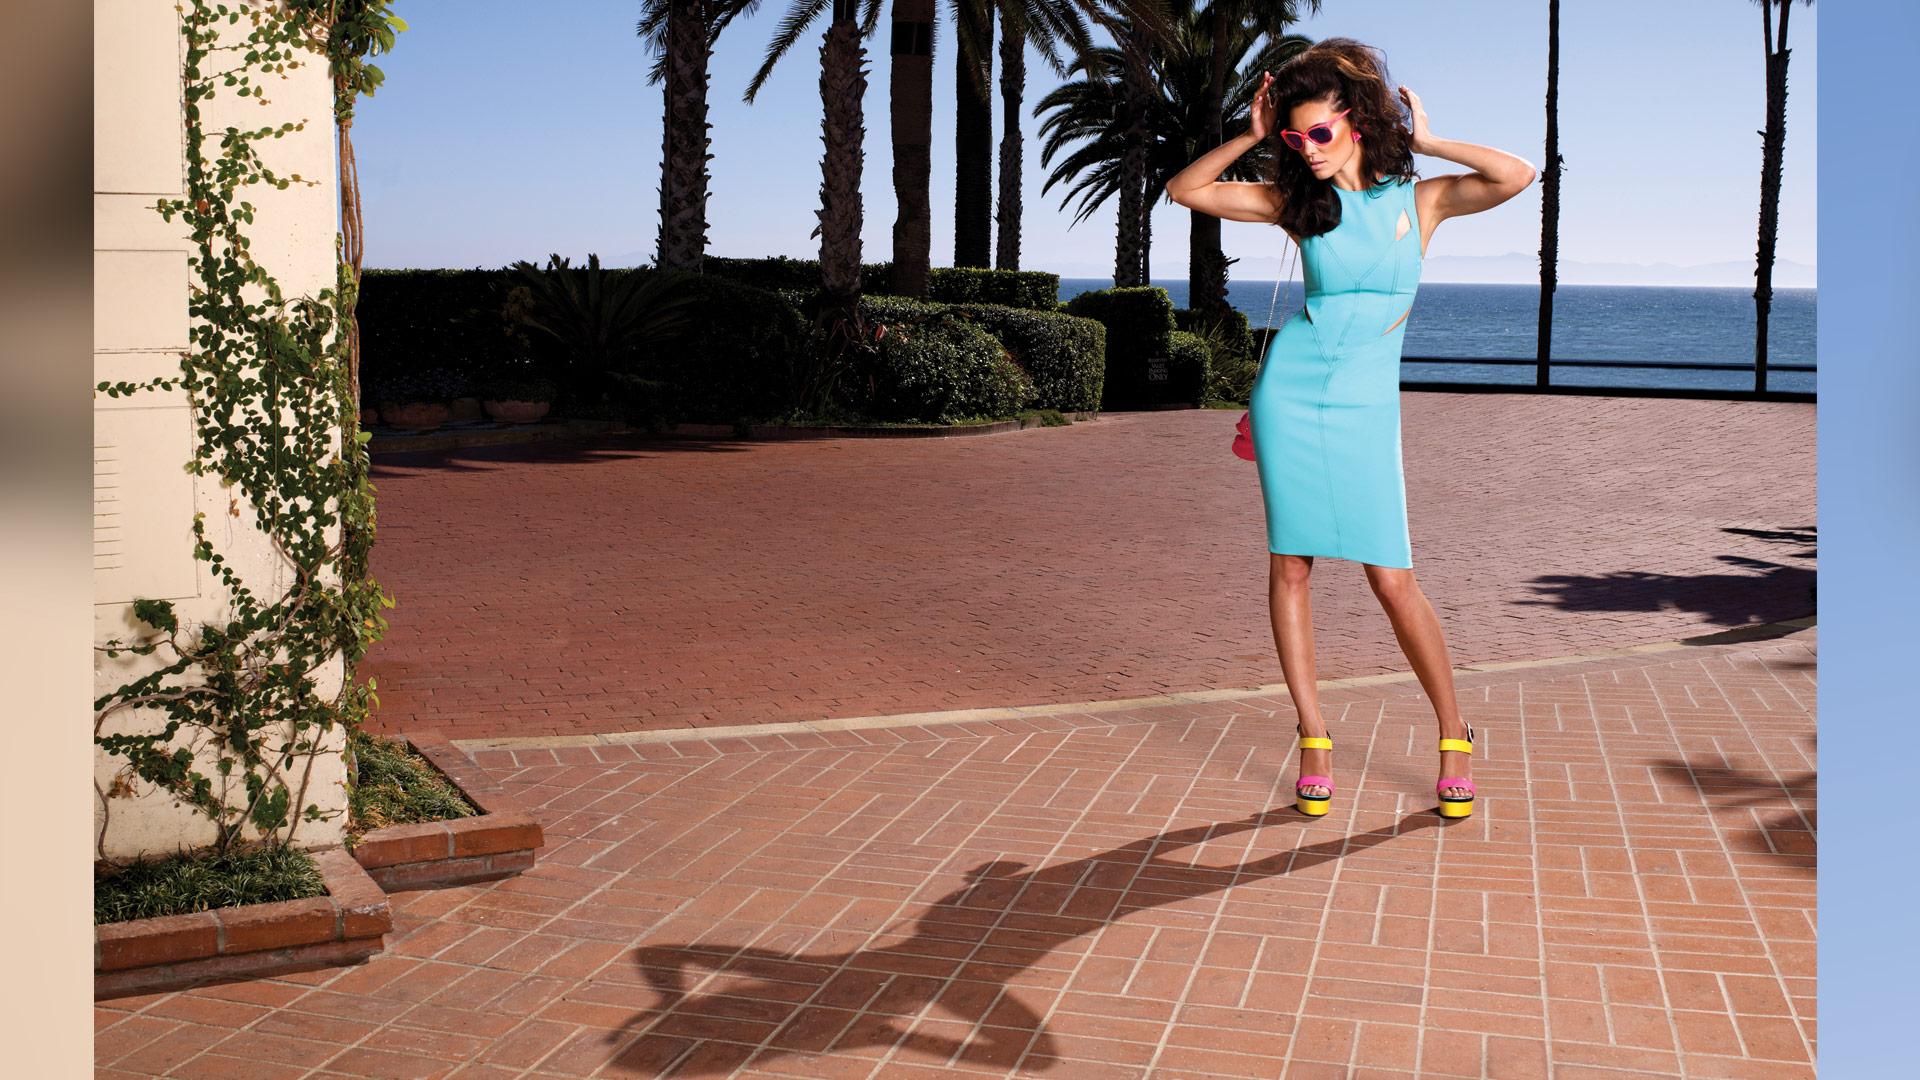 Daniela Ruah shows how to be retro chic